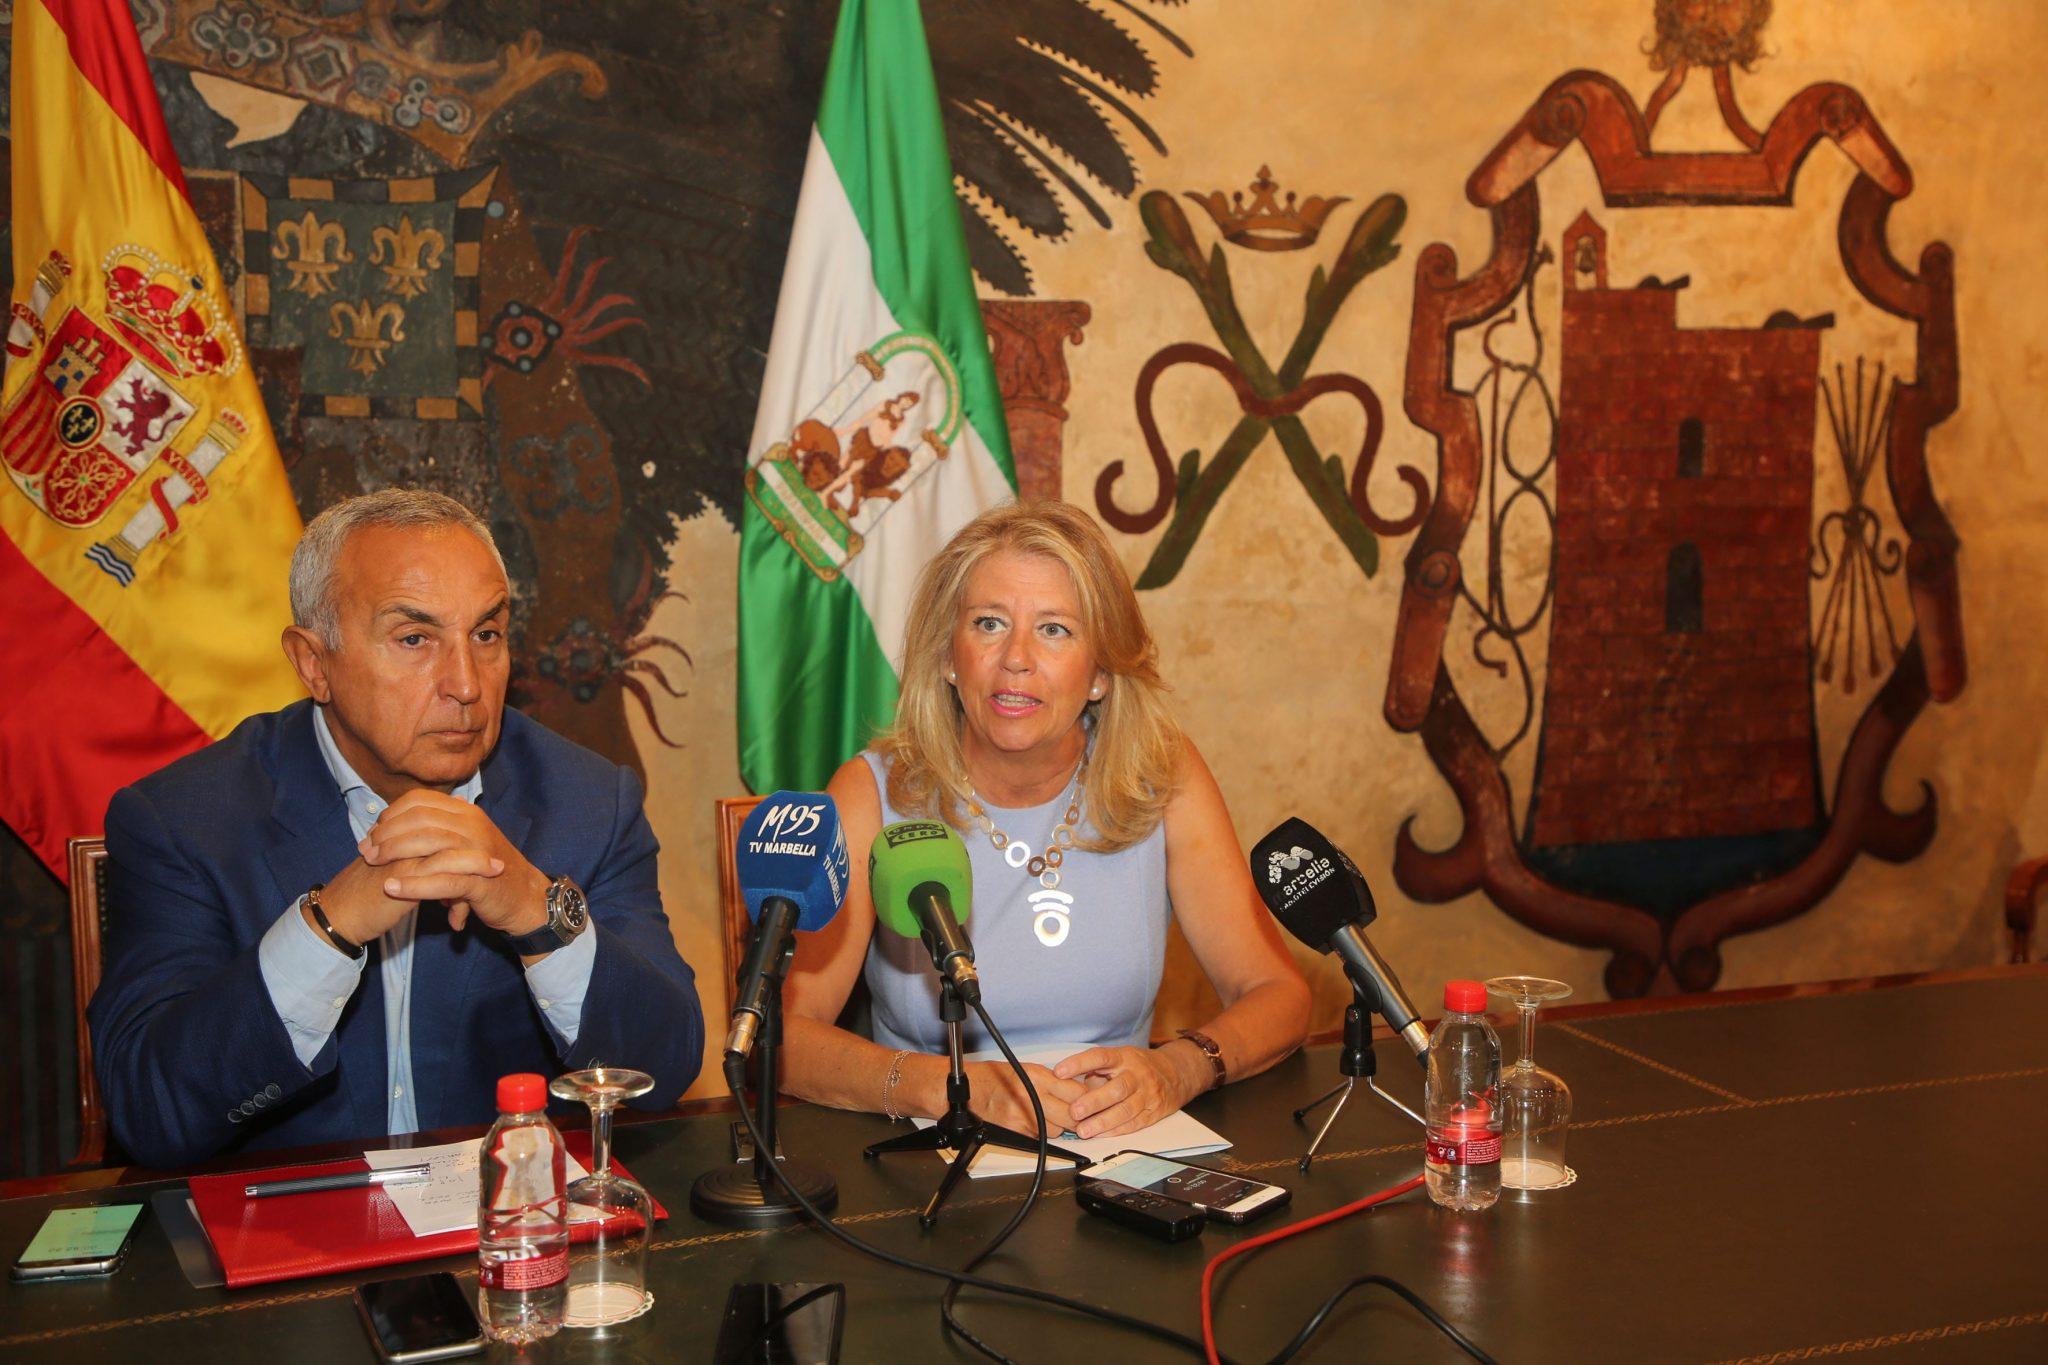 Marbella será el escenario de la Asamblea General de los Comités Olímpicos Europeos